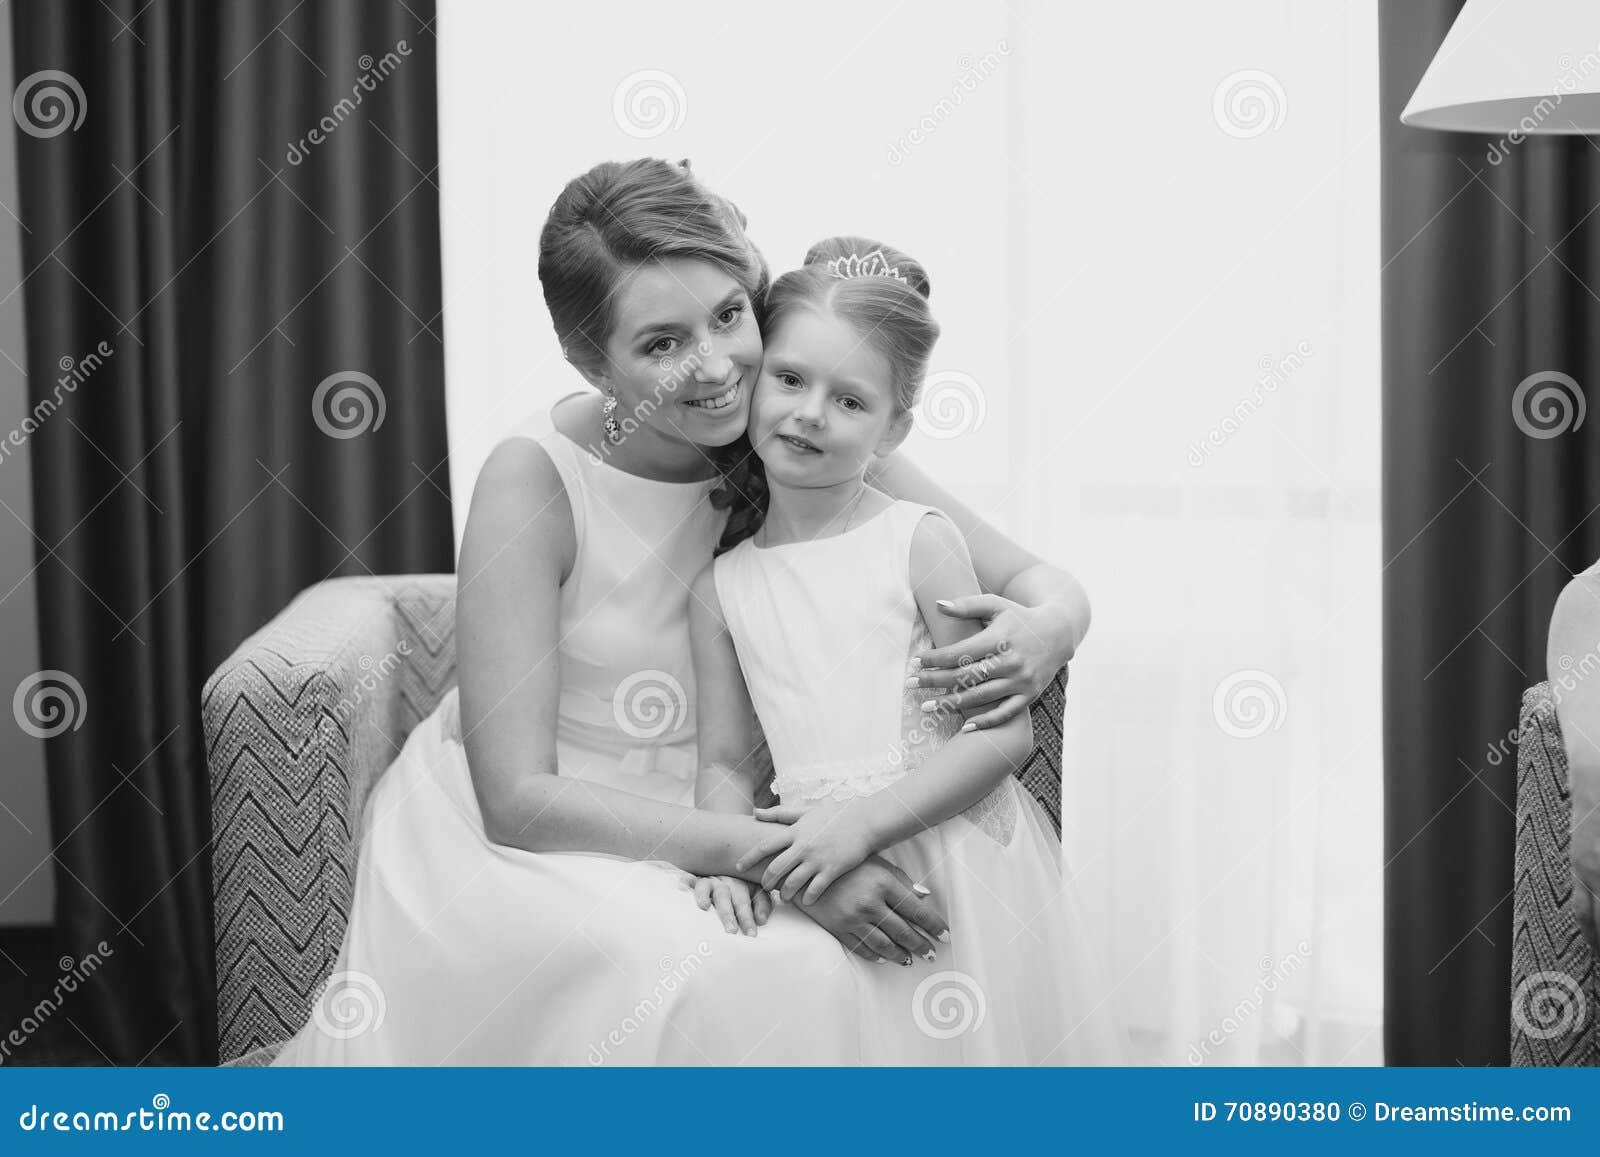 Tochter und Mutter ficken den gleichen Typ